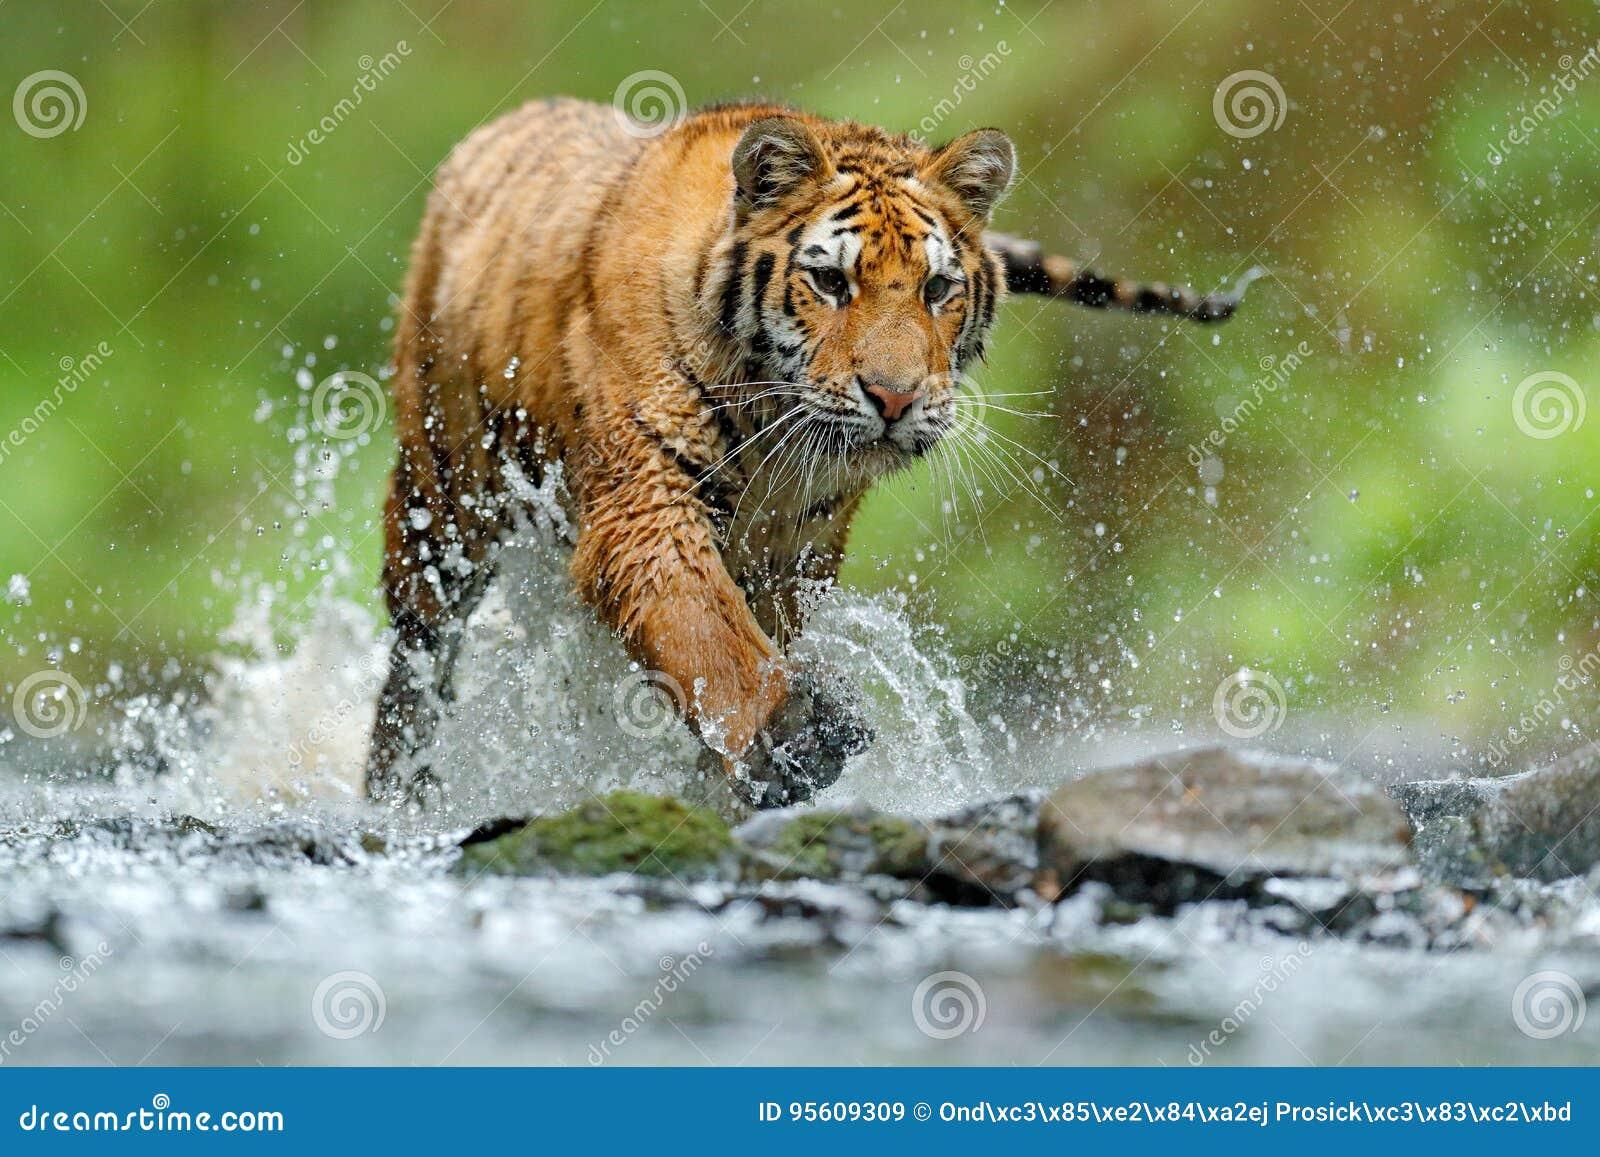 Tiger mit SpritzenFlusswasser Szene der Tigeraktions-wild lebenden Tiere, Wildkatze, Naturlebensraum Tiger, der in Wasser läuft G